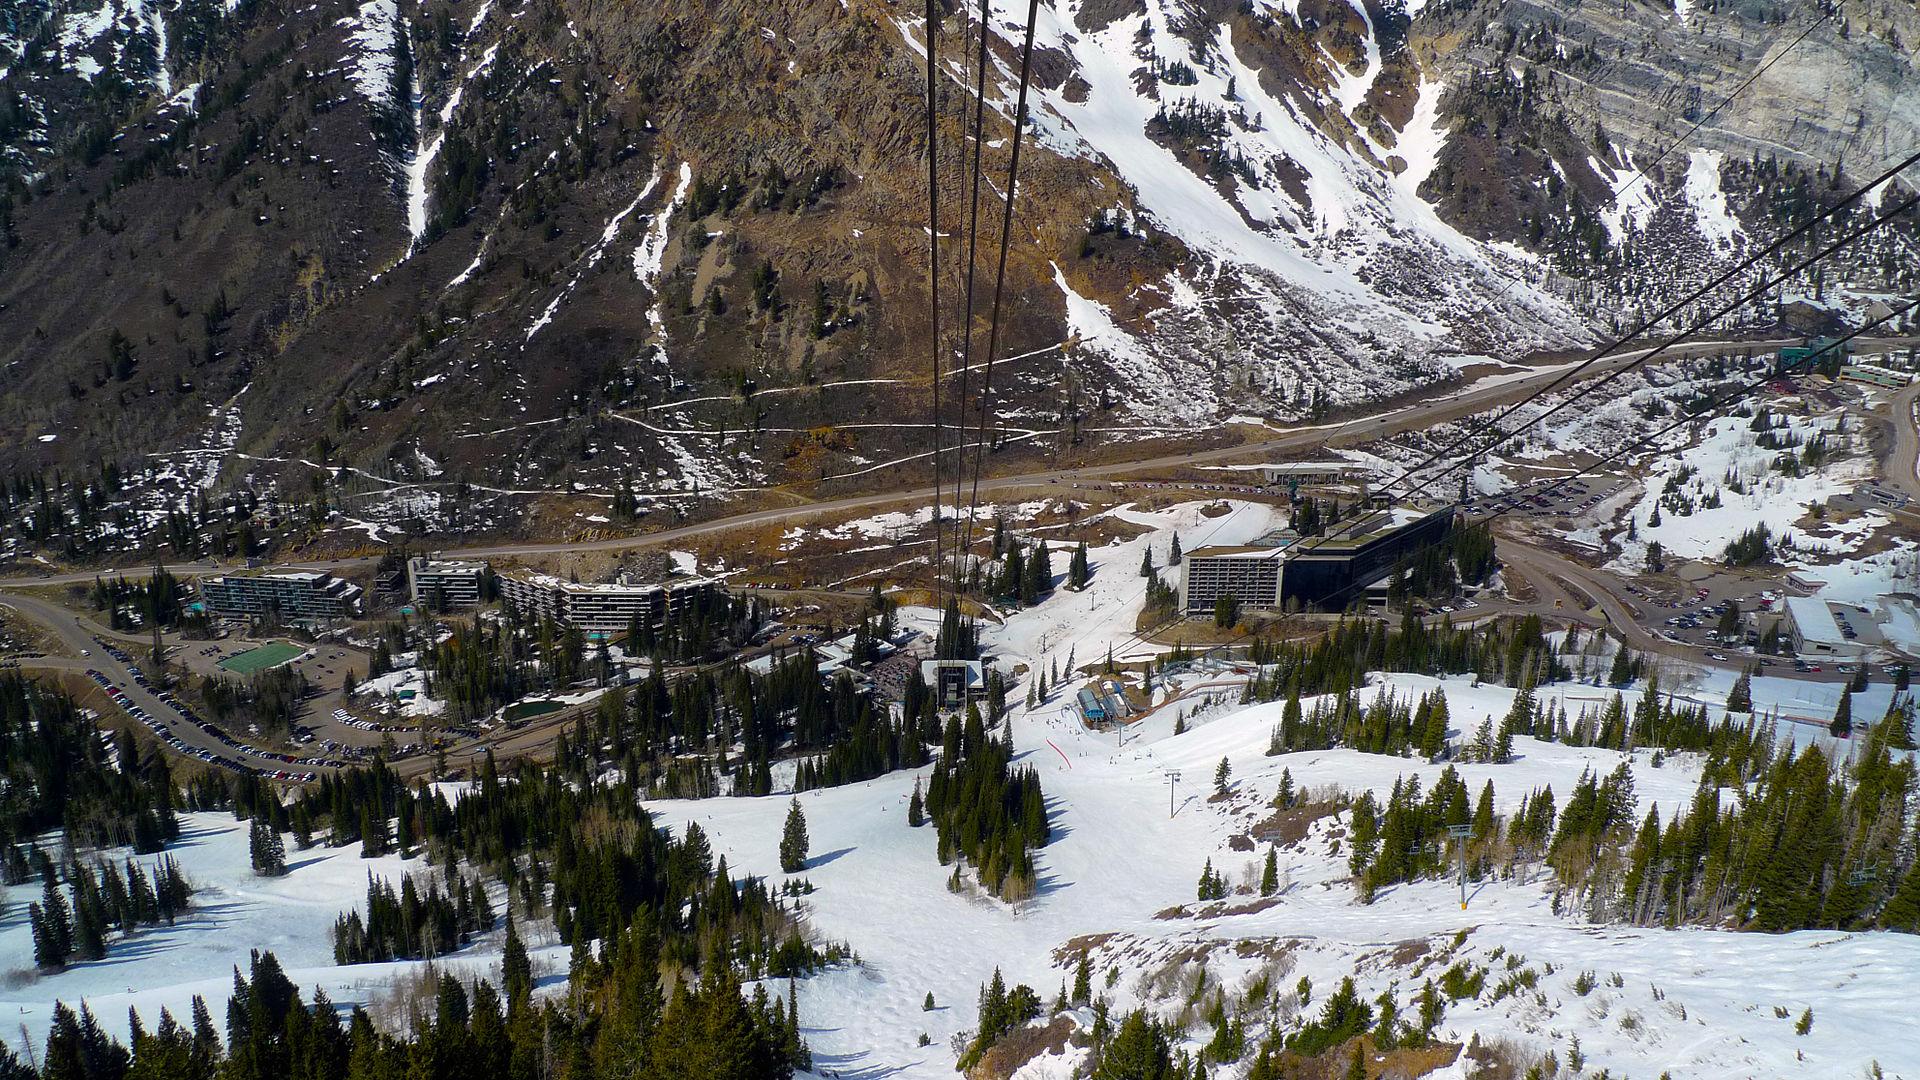 snowbird ski resort |skiing utah